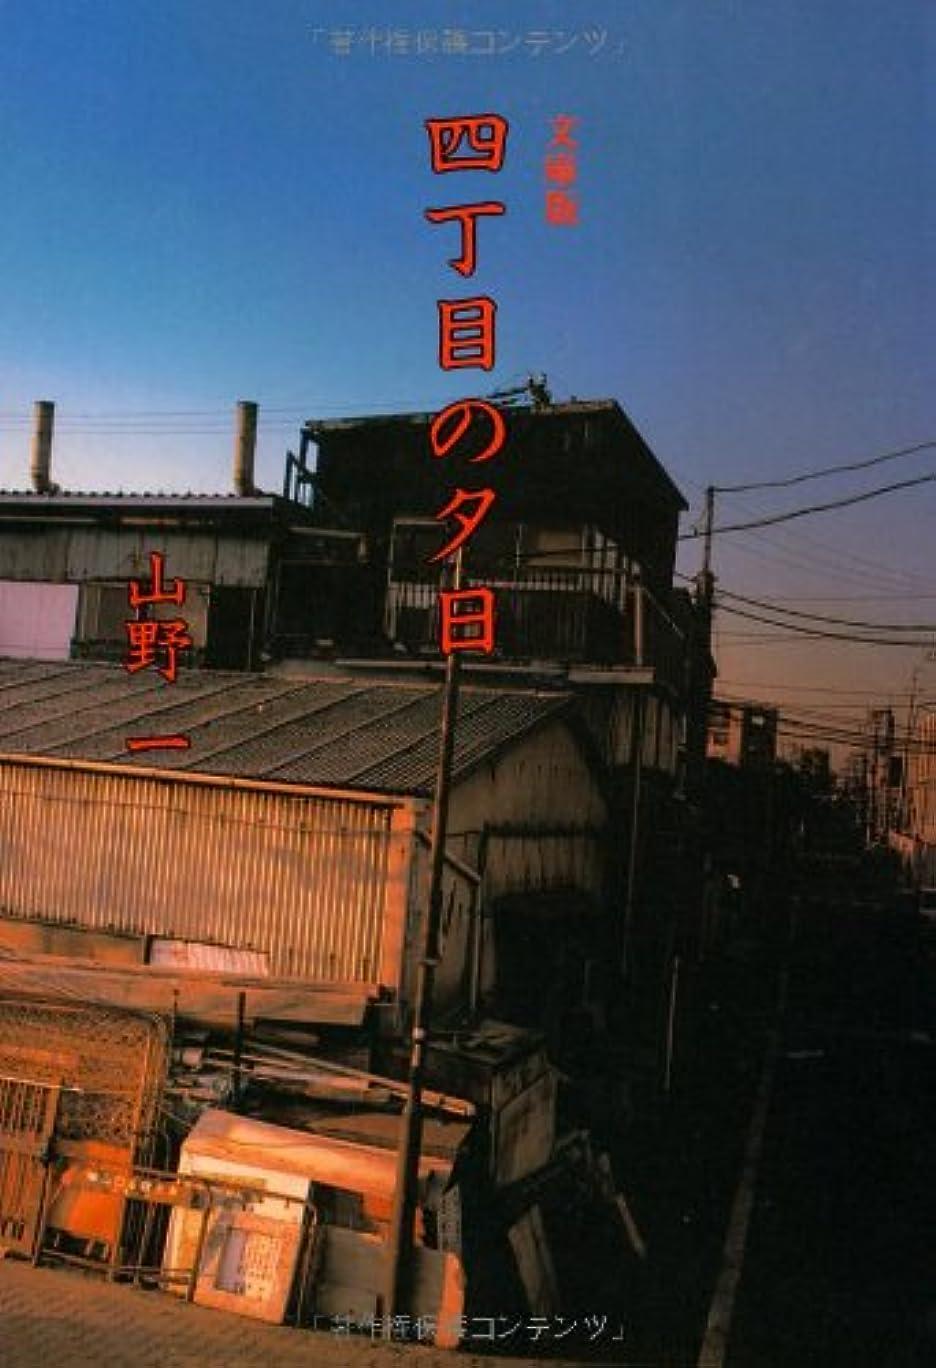 タップコンバーチブル神話四丁目の夕日 (扶桑社文庫)